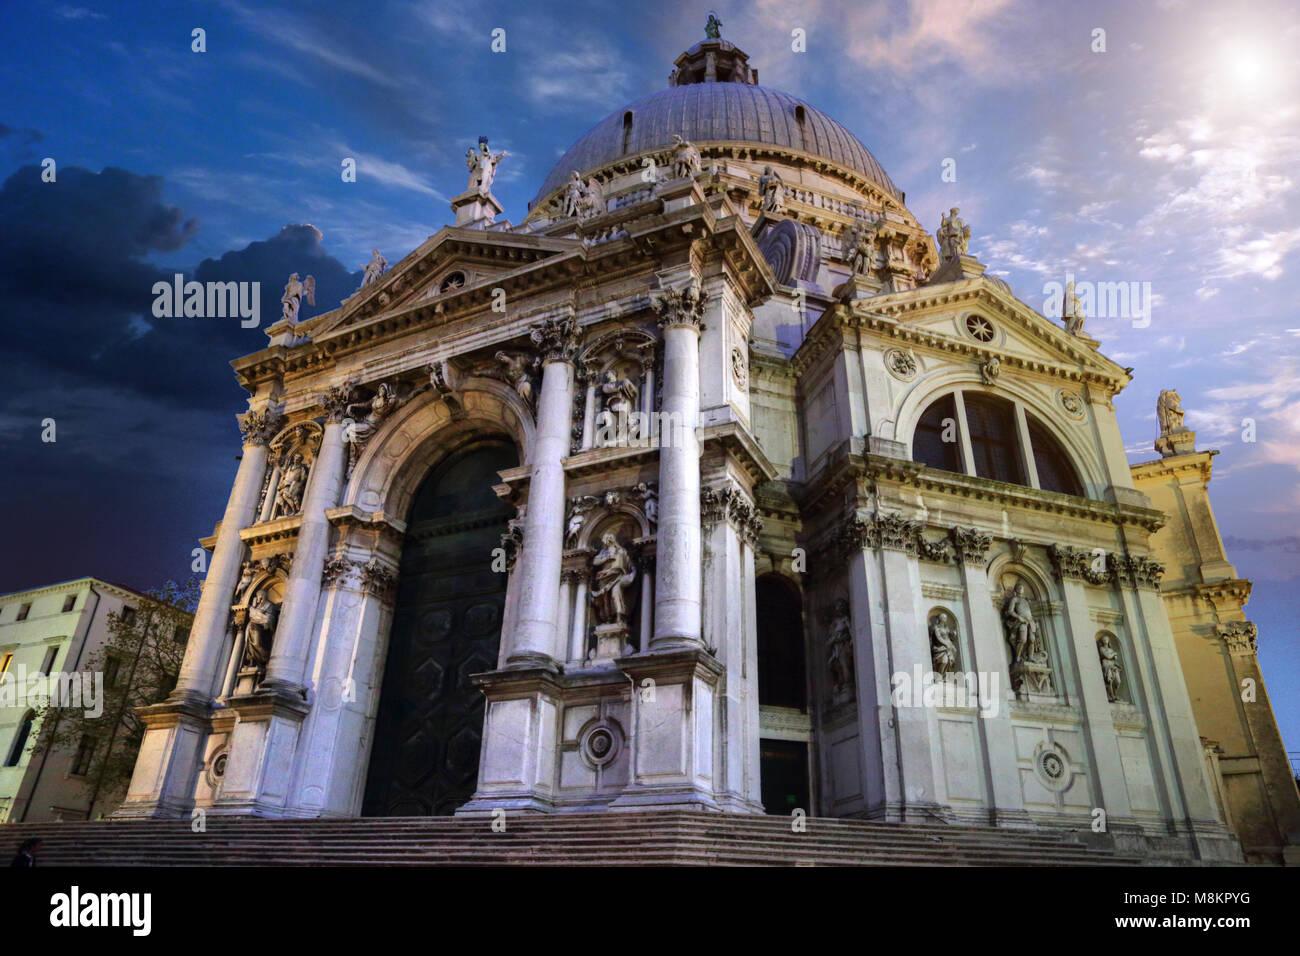 Santa Maria della Salute Cathedral - Stock Image